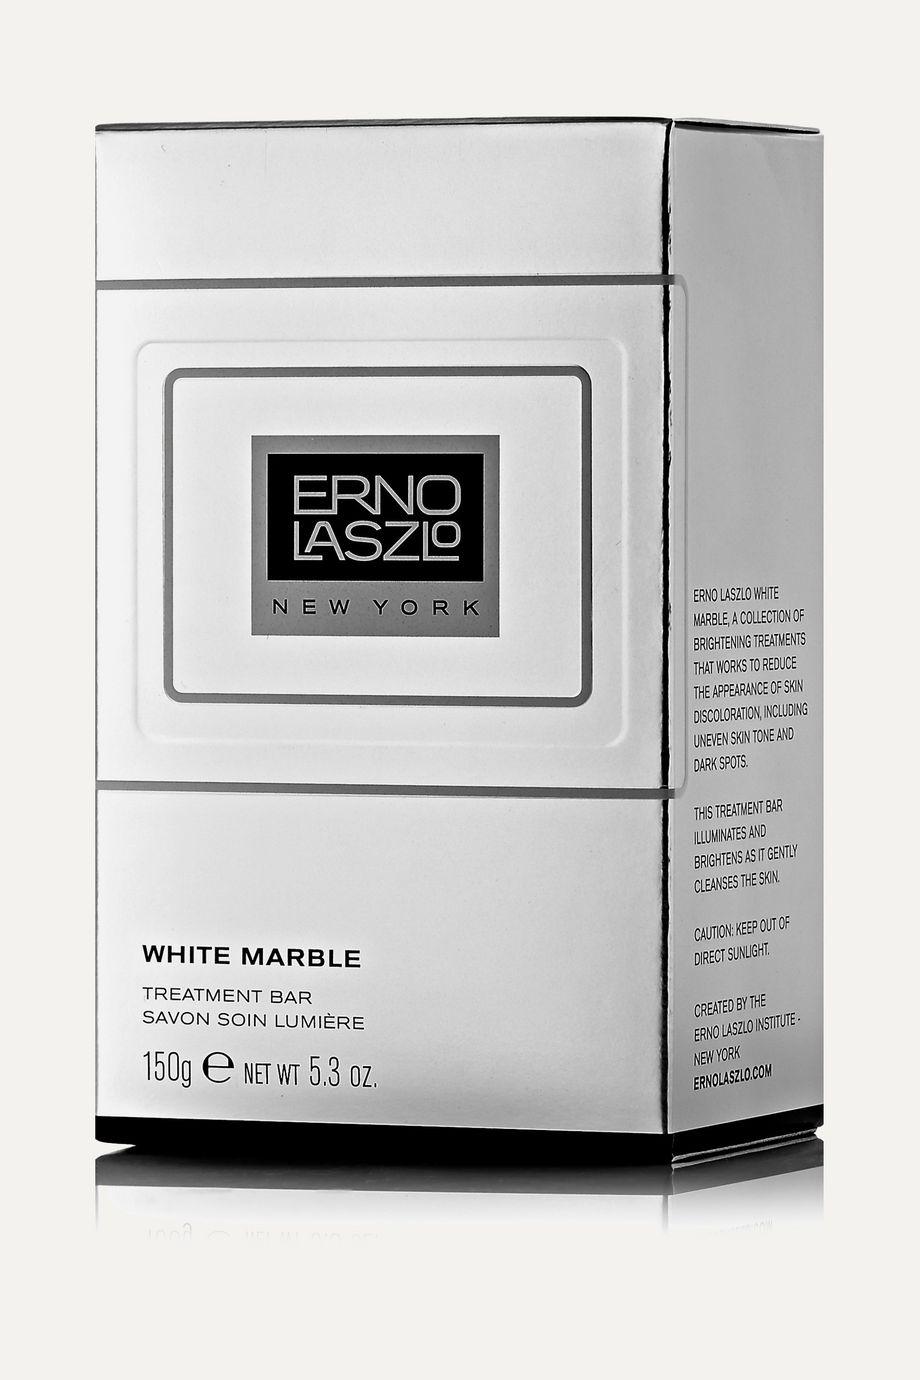 Erno Laszlo White Marble Treatment Bar, 100g